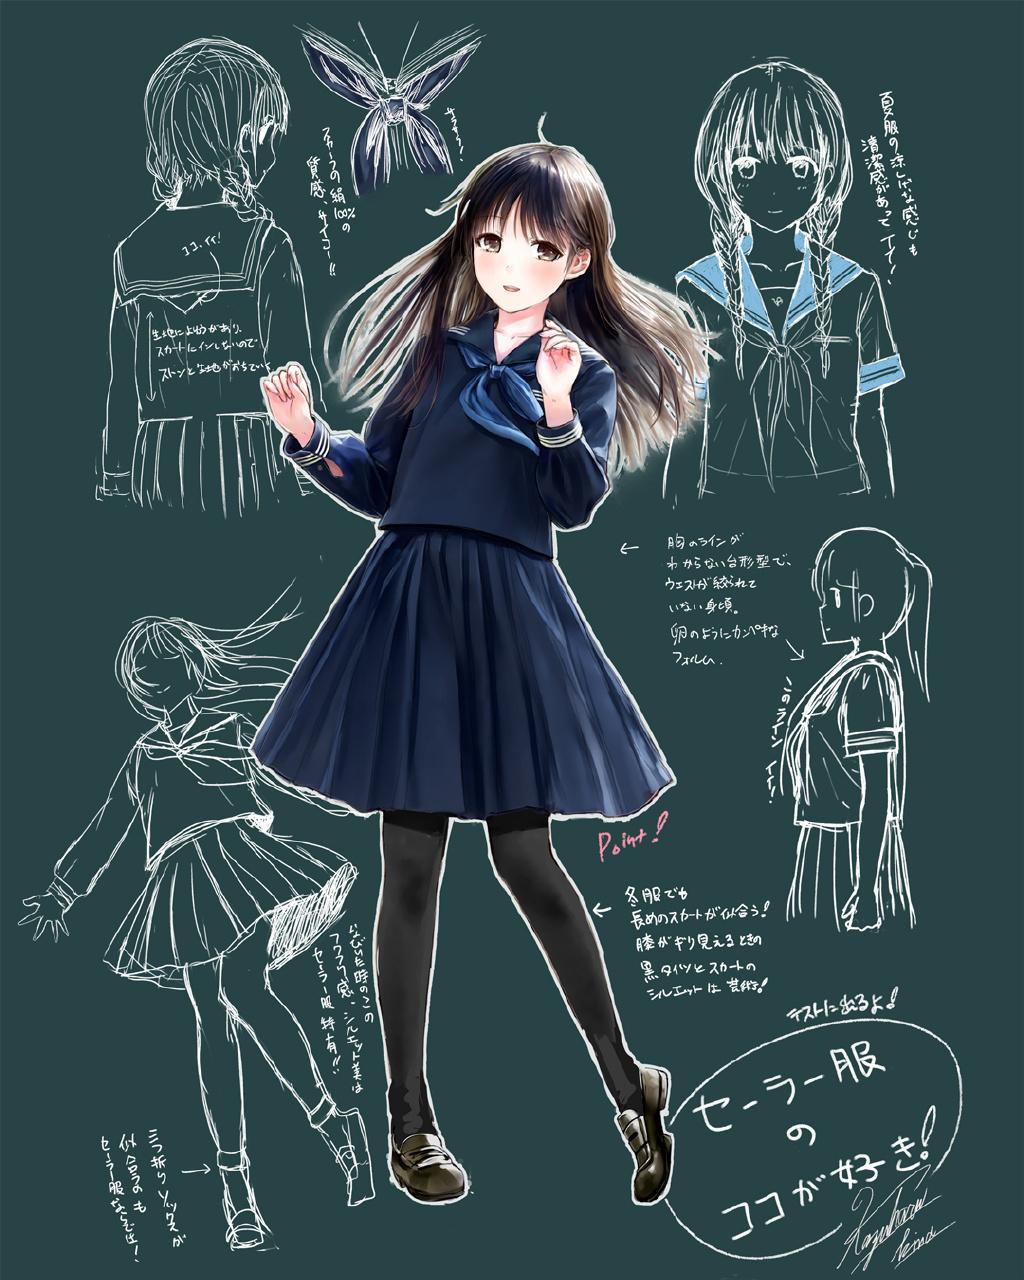 「主题图集」女高中生校服系列-萌宅社 一个ACG资源基地、绅士之家Σ(゜ロ゜;)